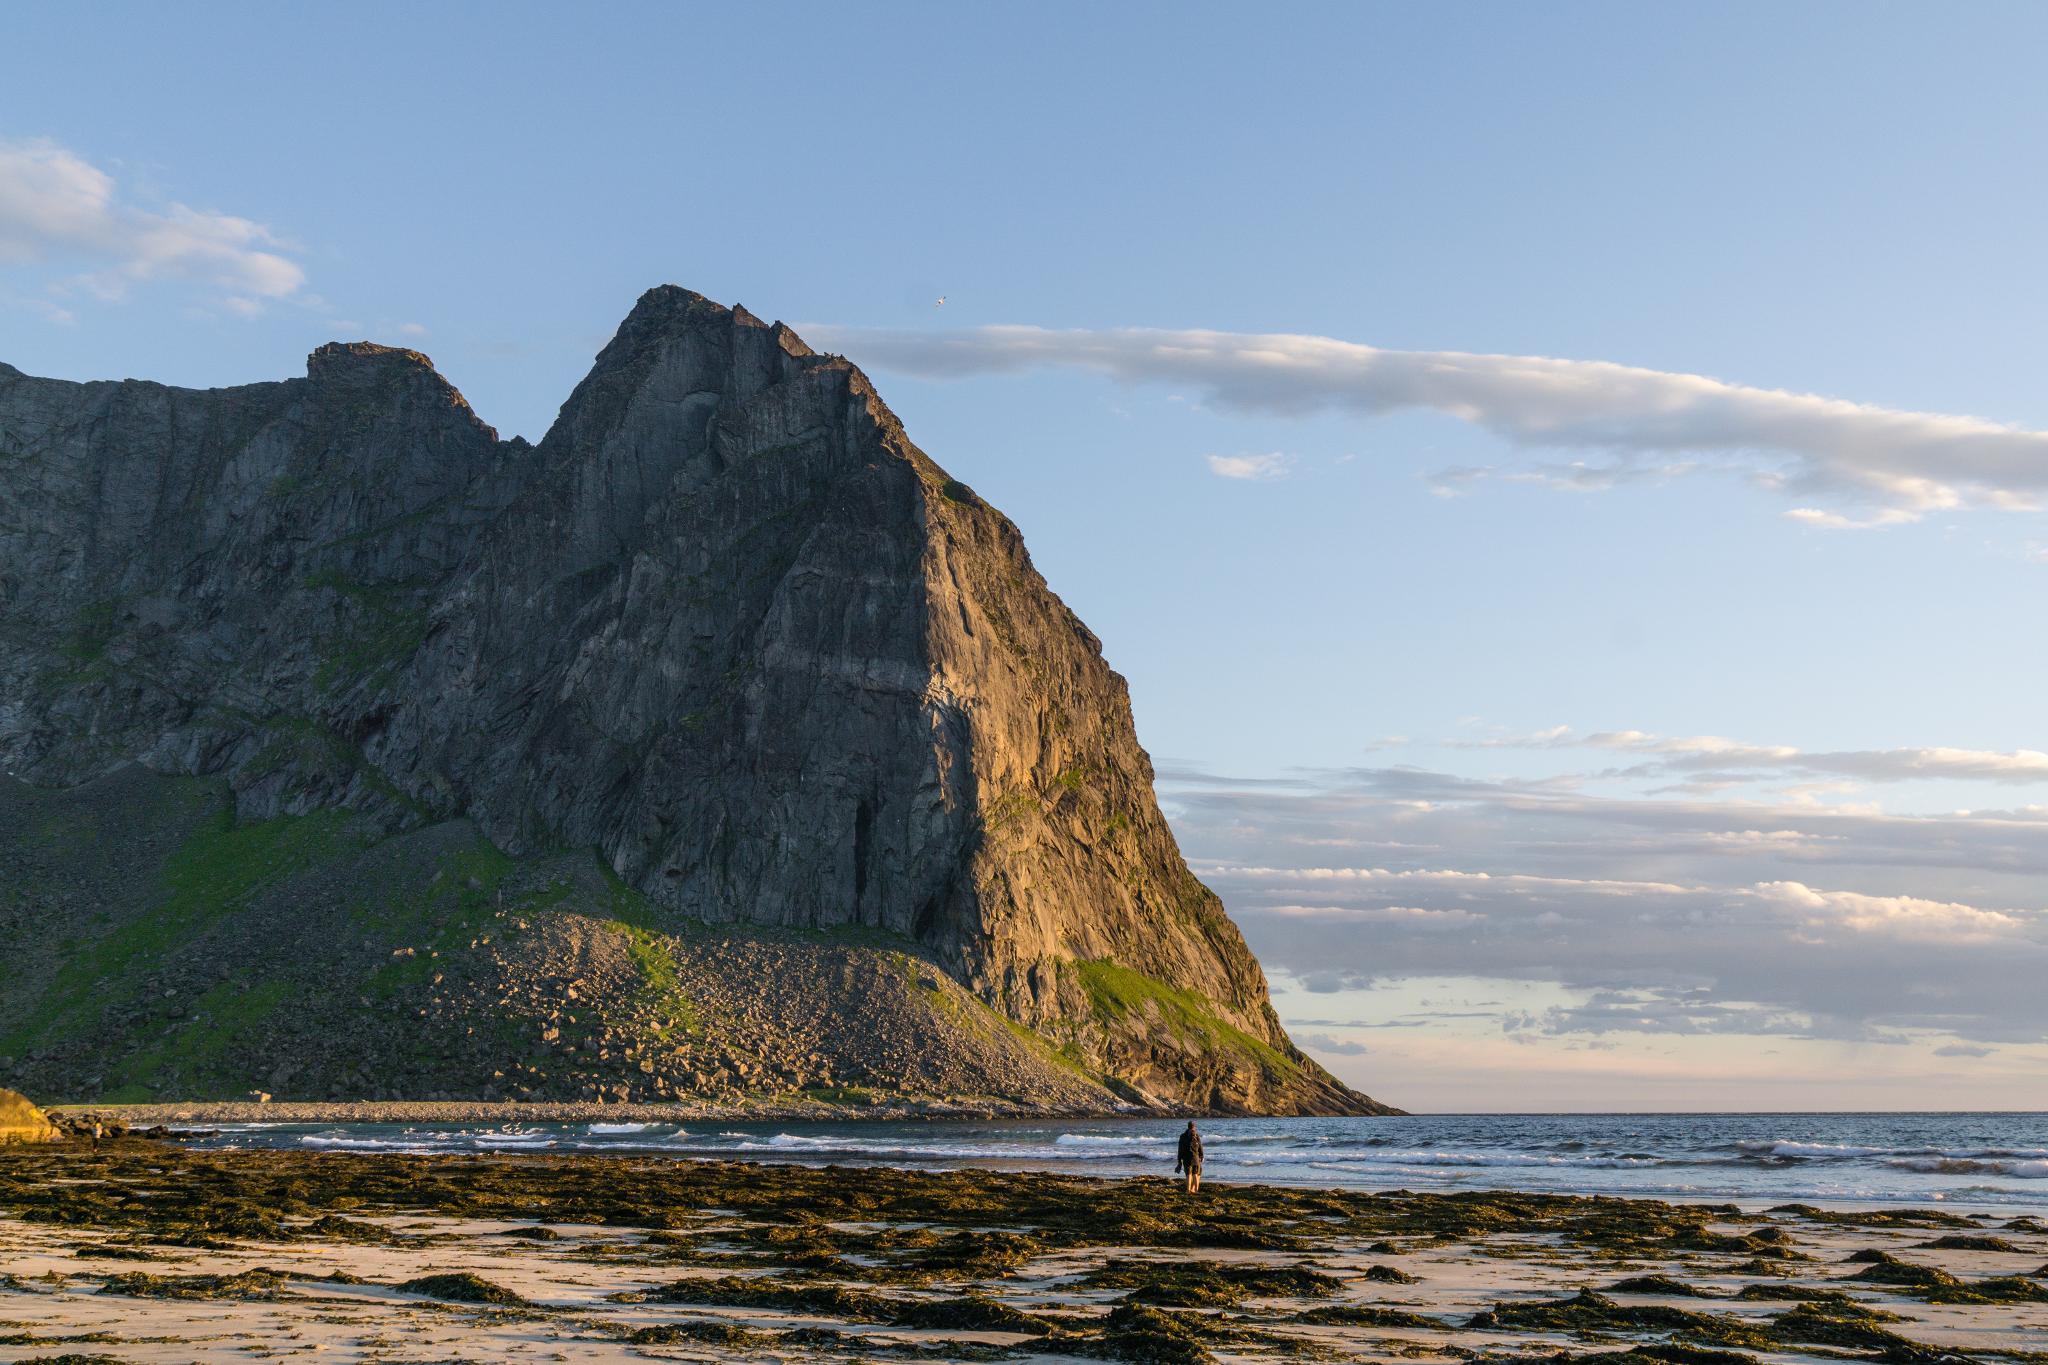 【羅弗敦群島】在世界的盡頭追逐午夜太陽 - Kvalvika Beach 23